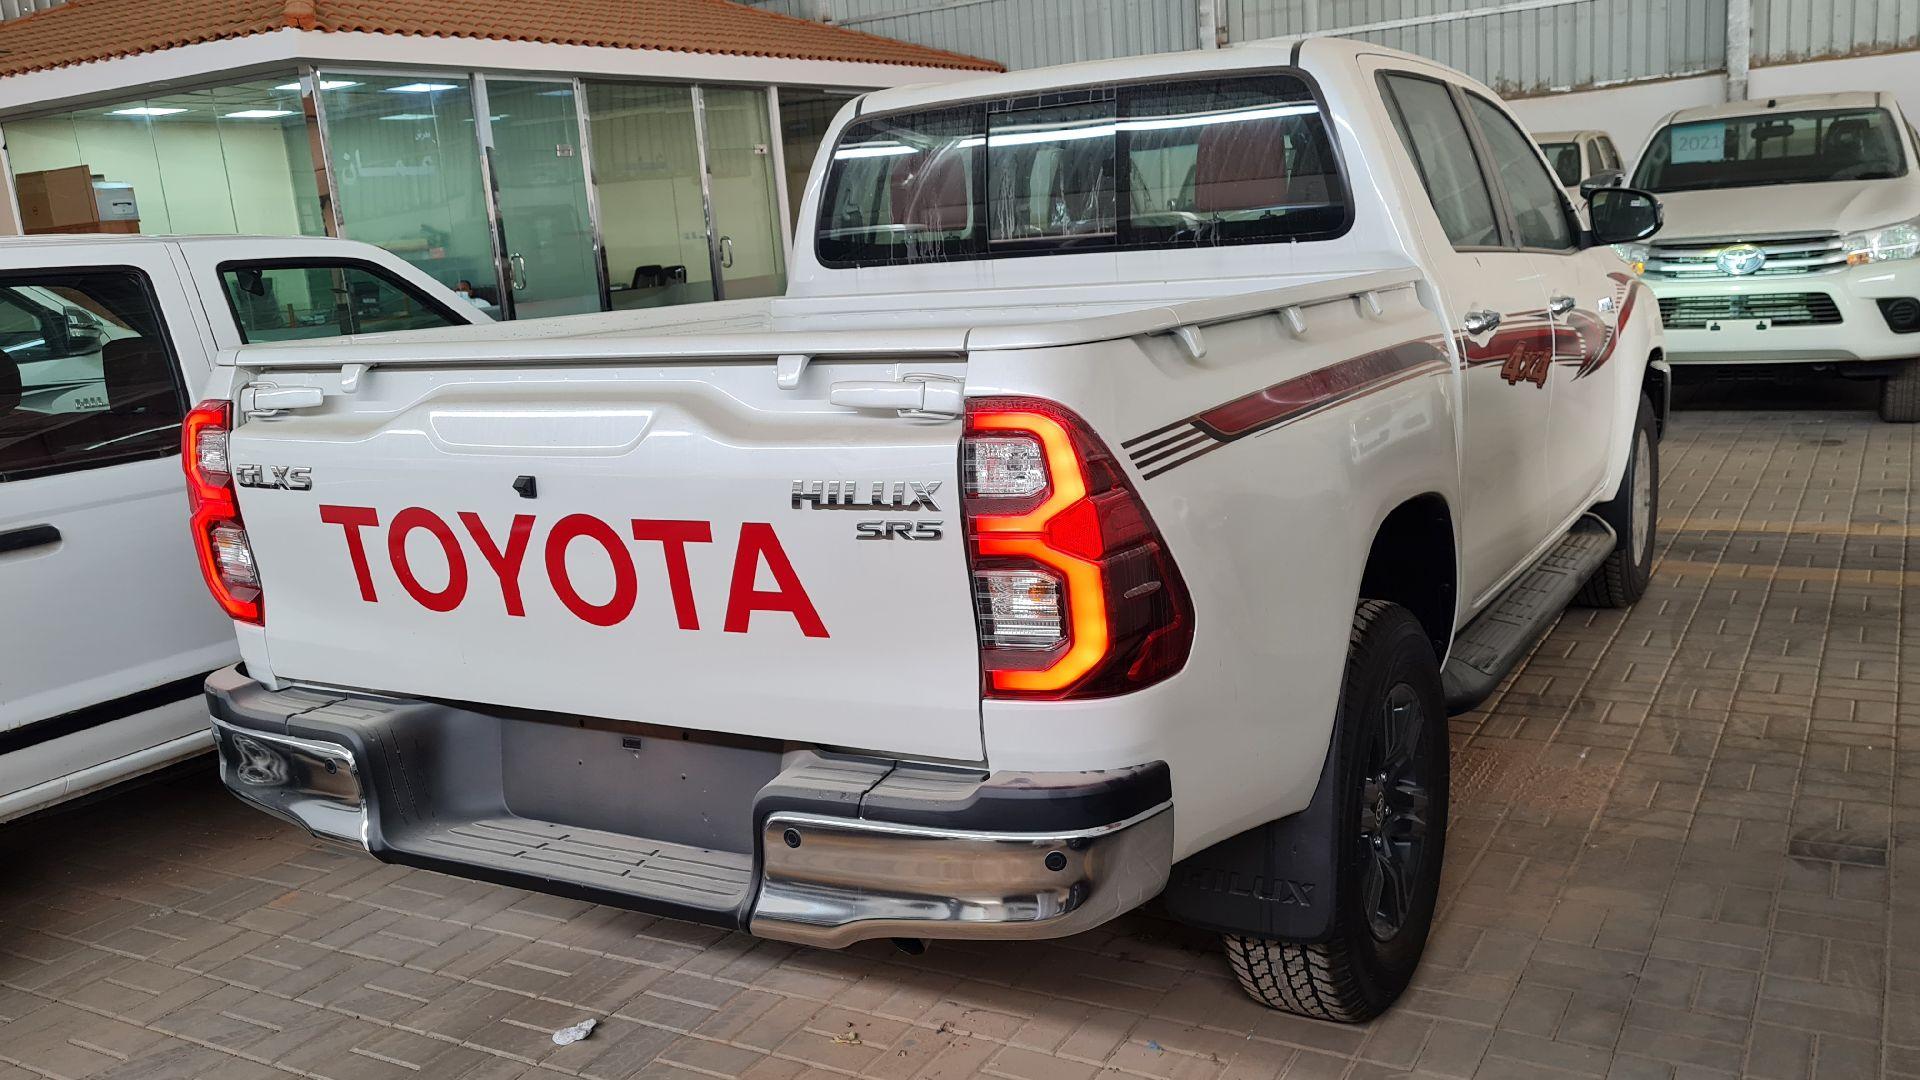 تويوتا هايلكس GLX.S 2021 فل بريمي للبيع في الرياض - السعودية - صورة كبيرة - 5